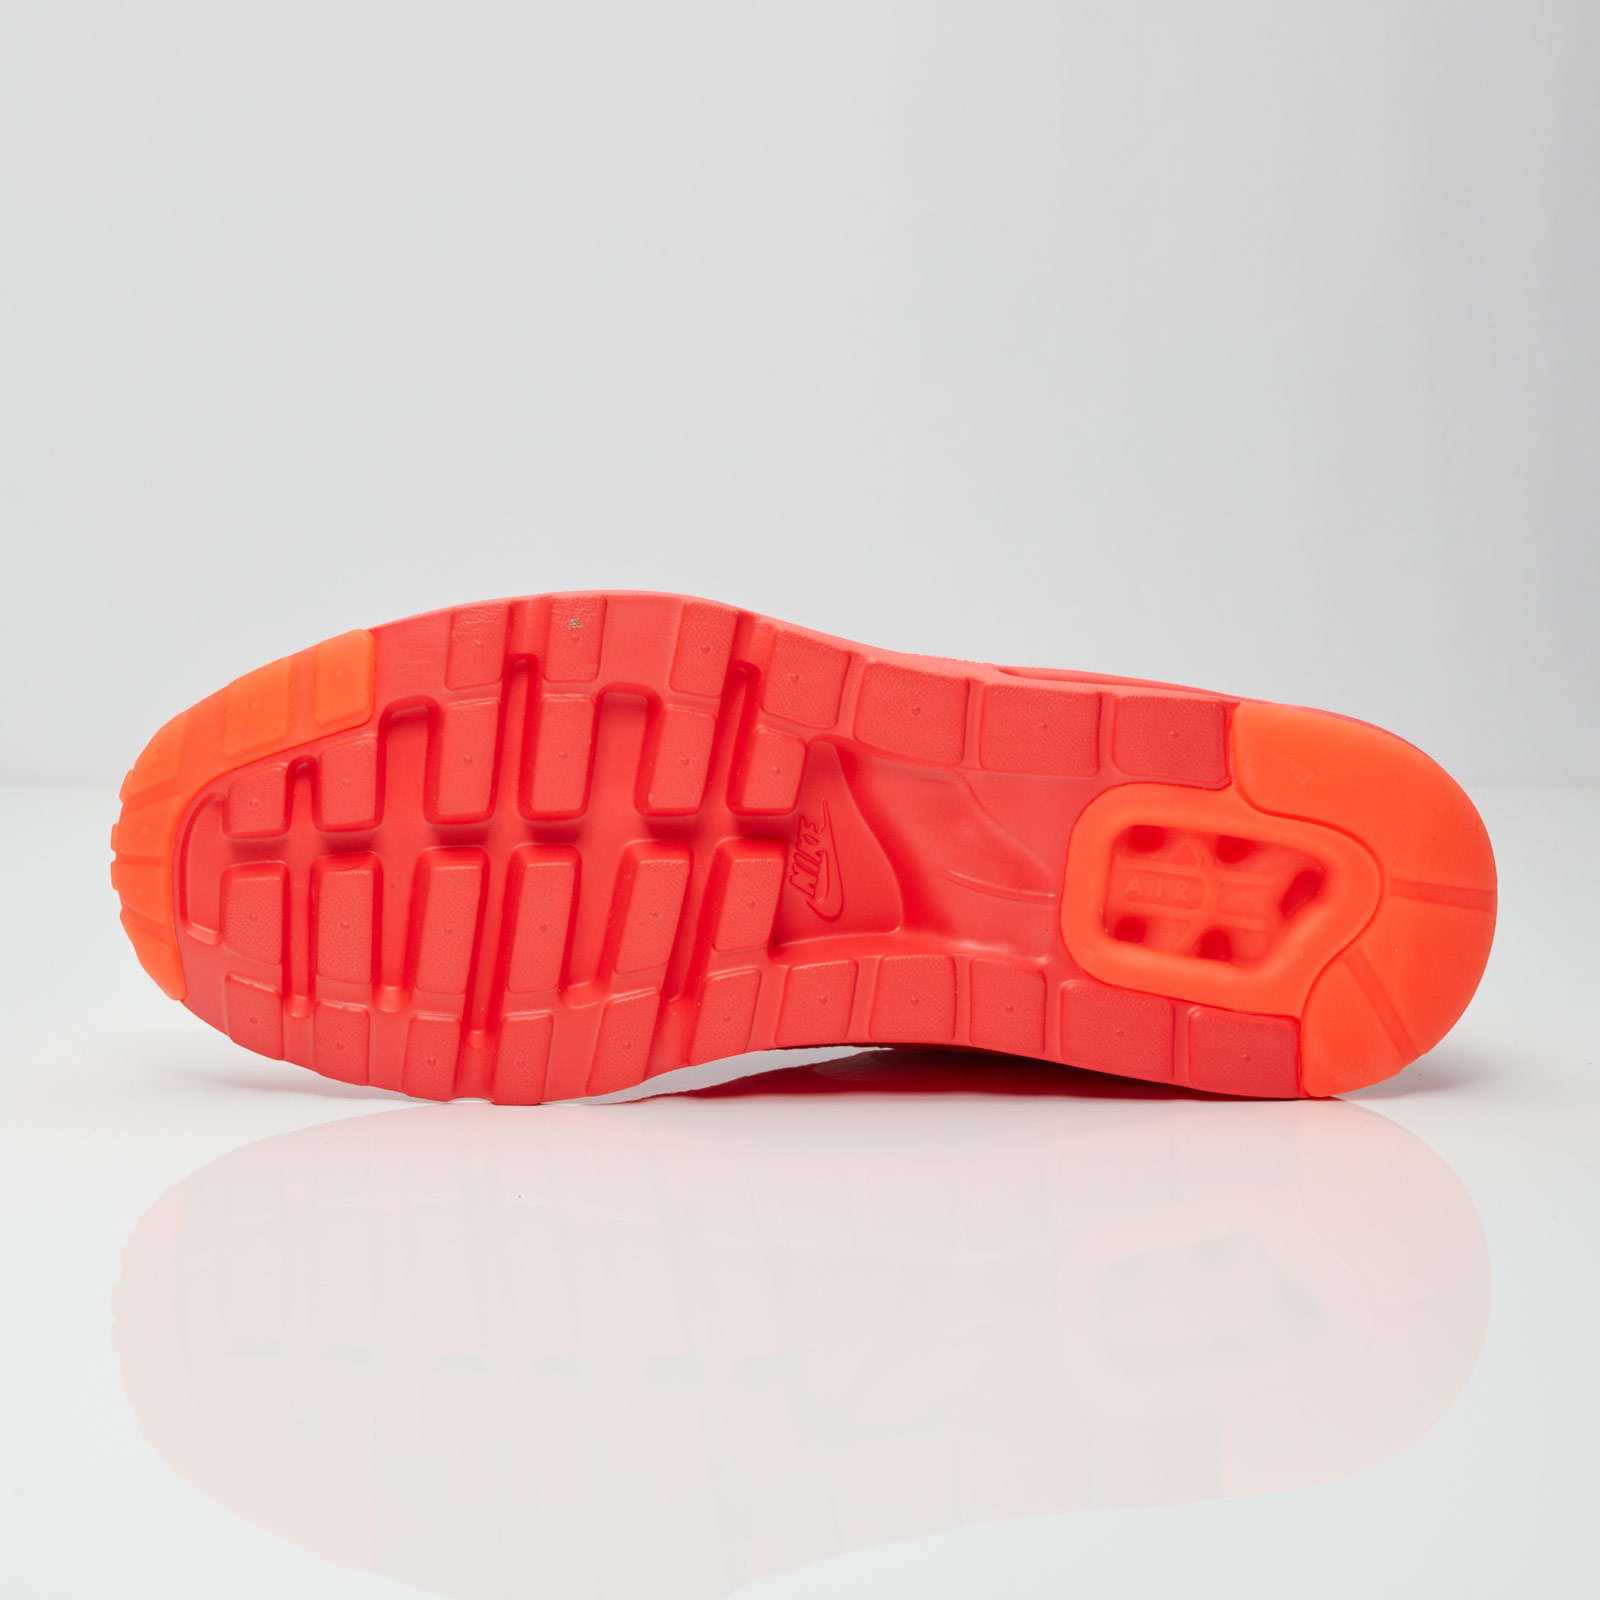 1dd3fbc99125 Nike Air Max 1 Ultra Flyknit - 843384-601 - Sneakersnstuff ...